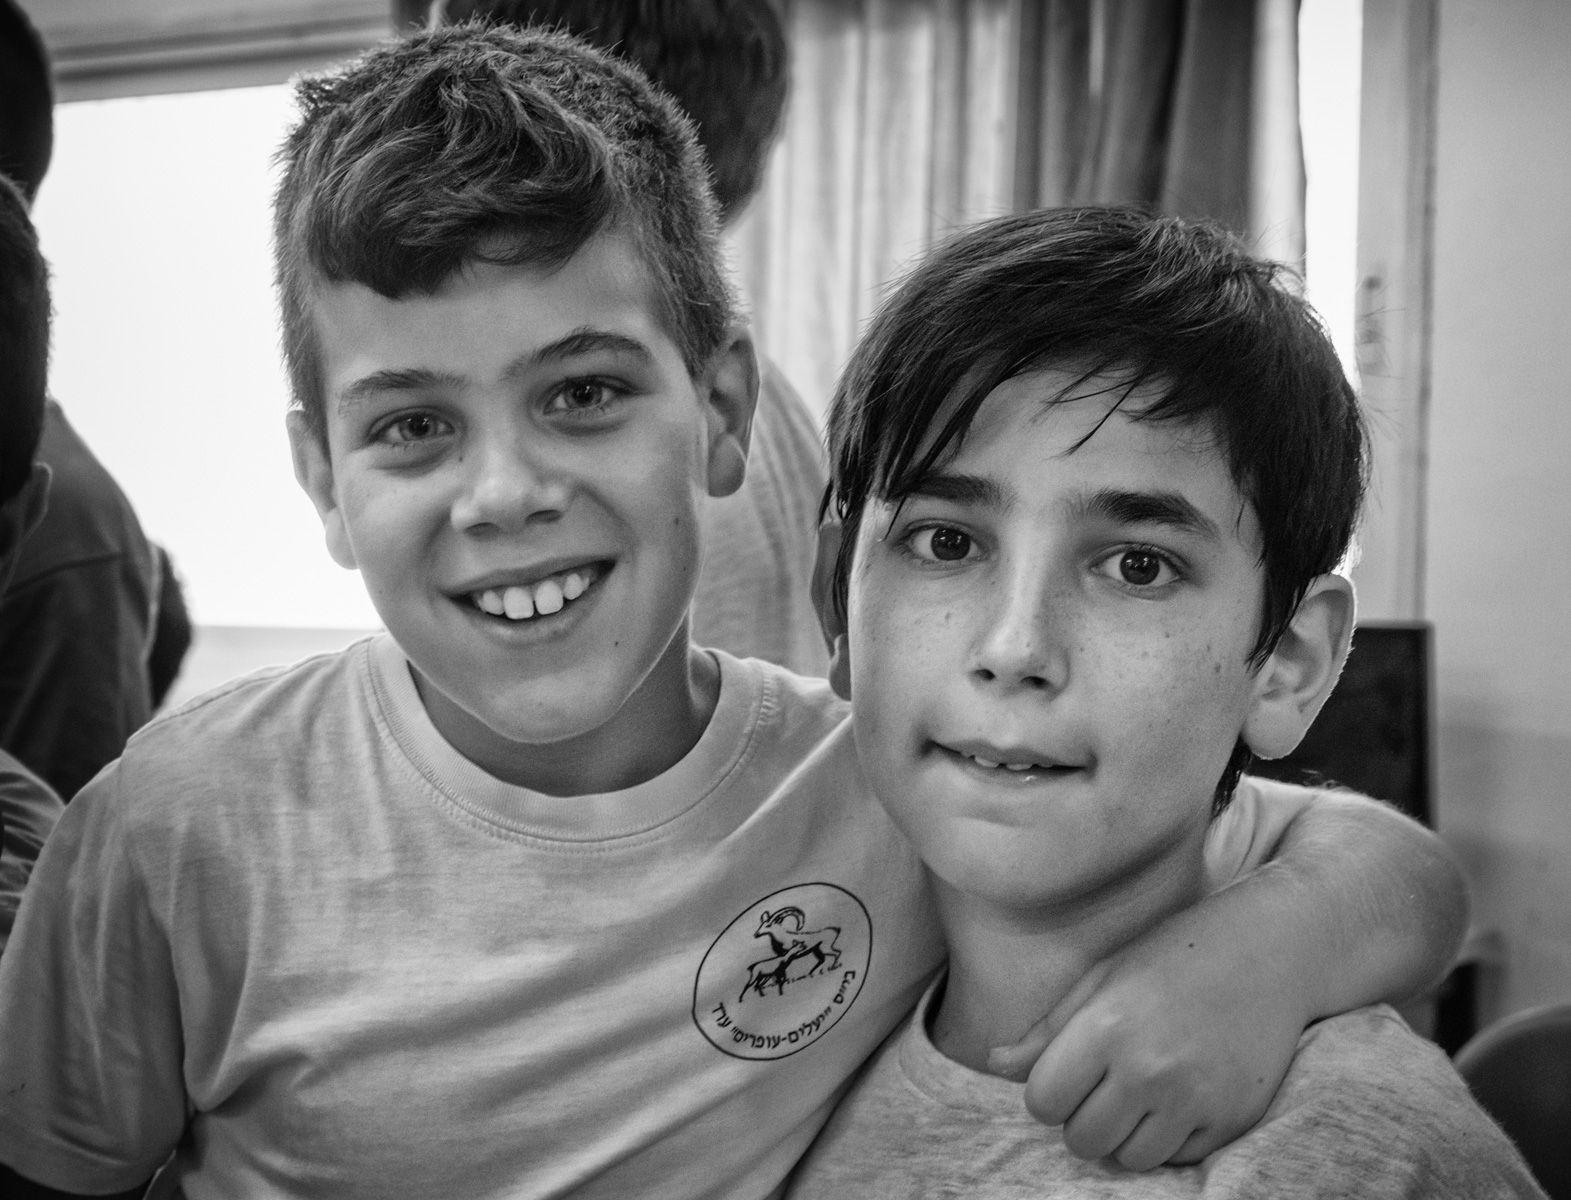 Arad, Israel 06/27/16